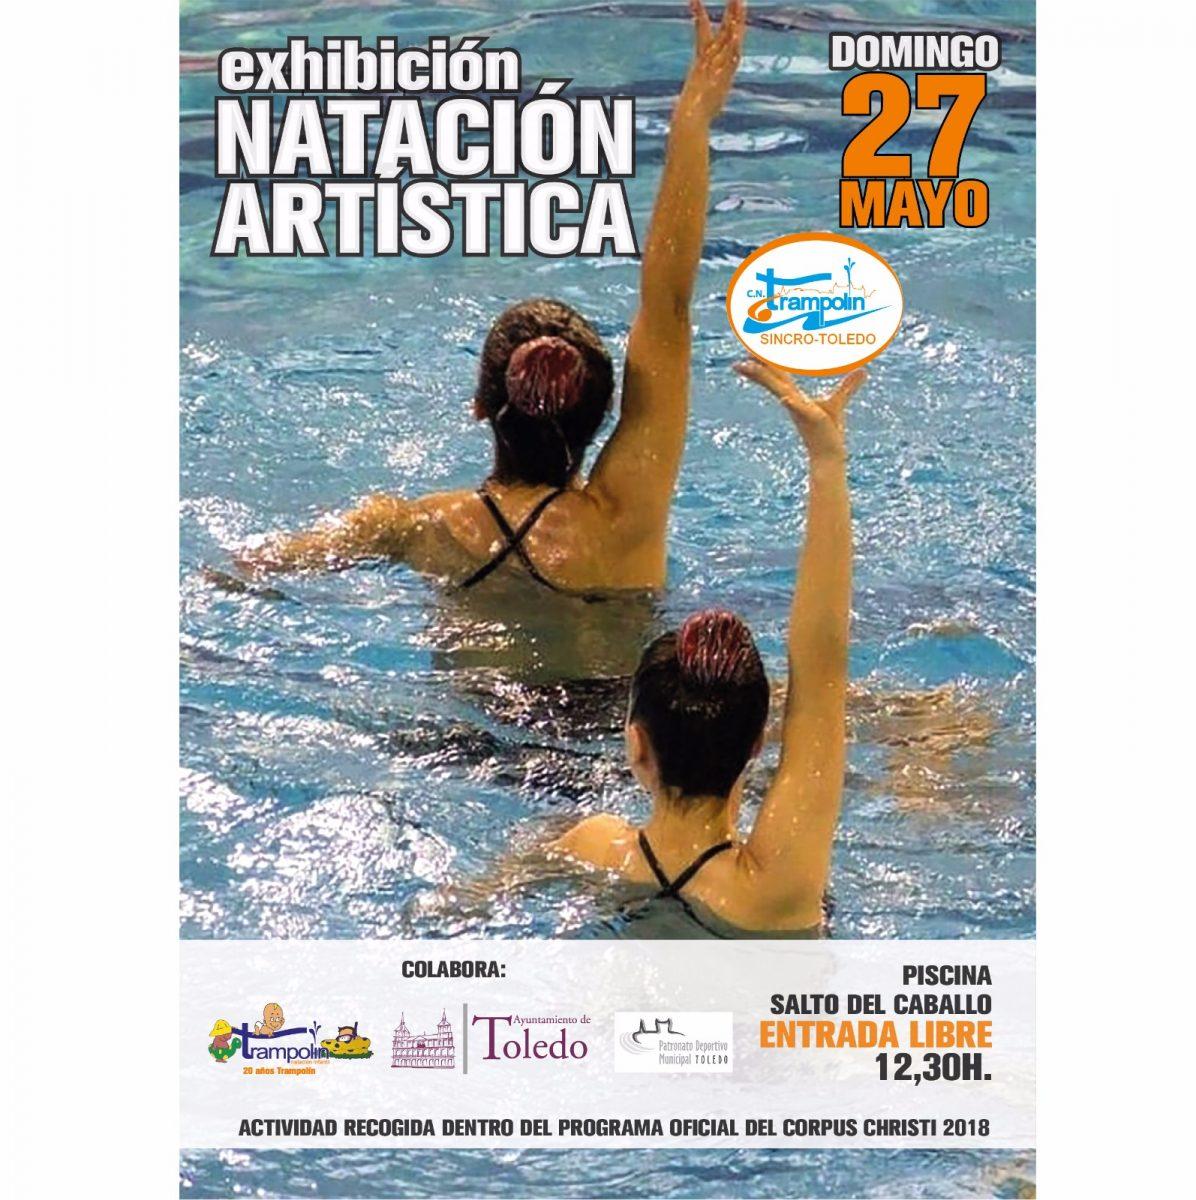 Exhibición de Natación Artística